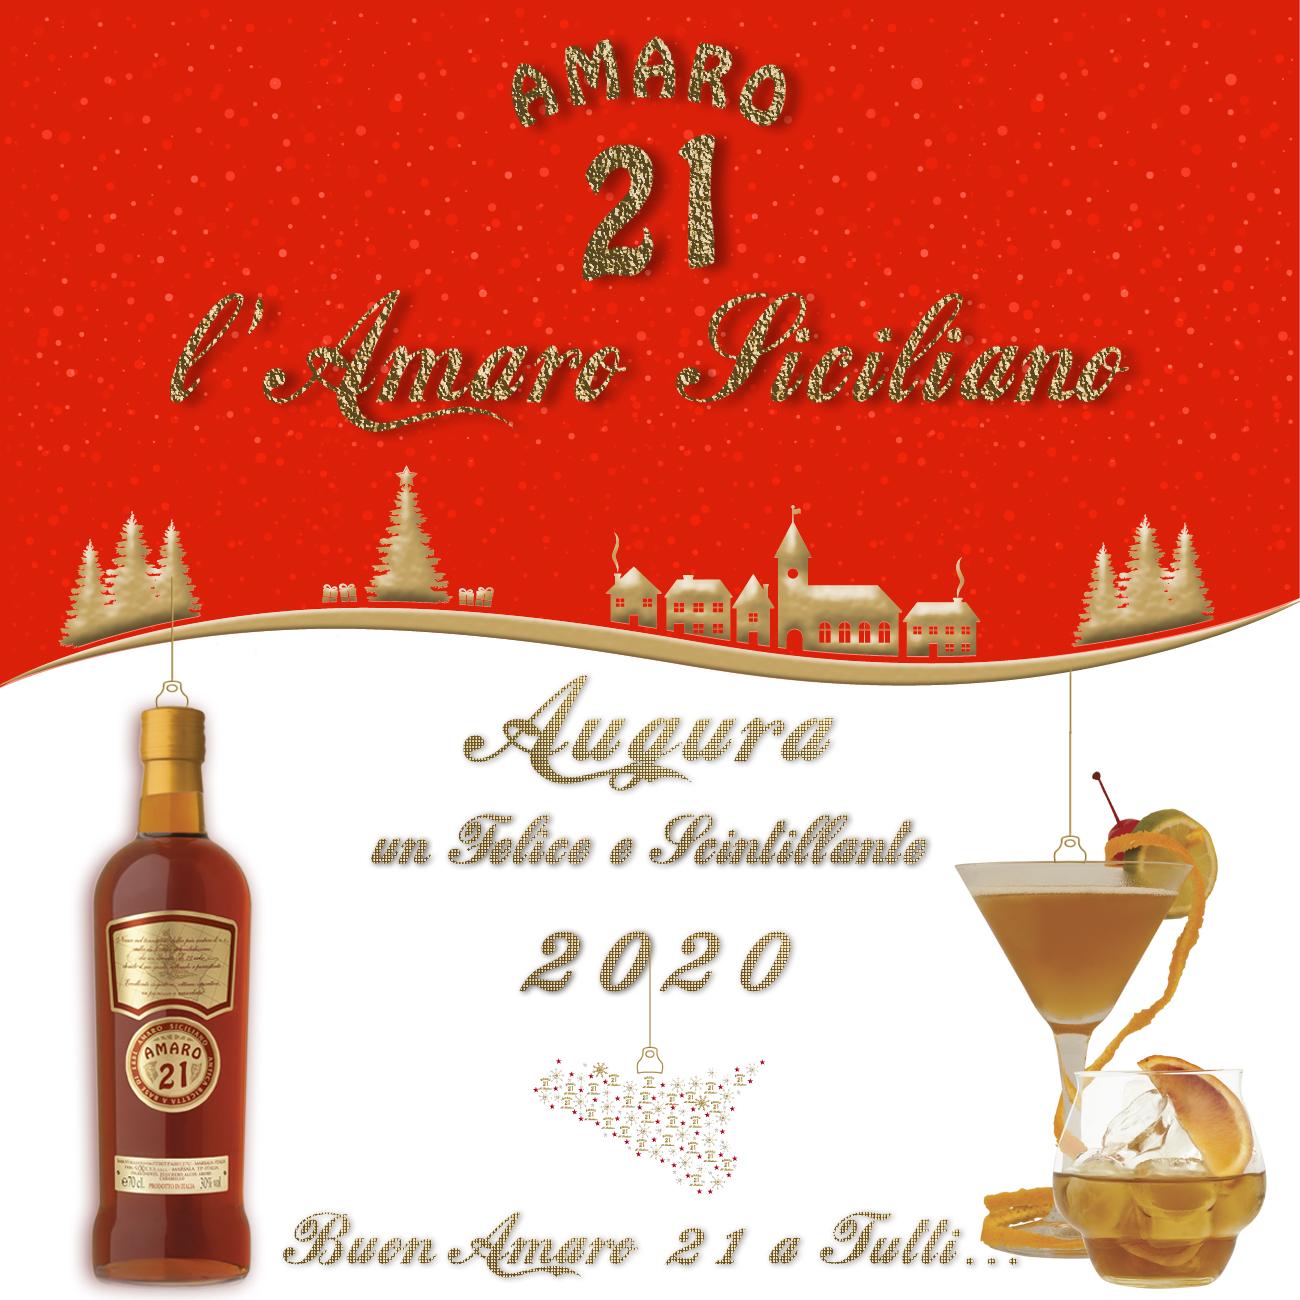 Gli auguri dell'Amaro 21